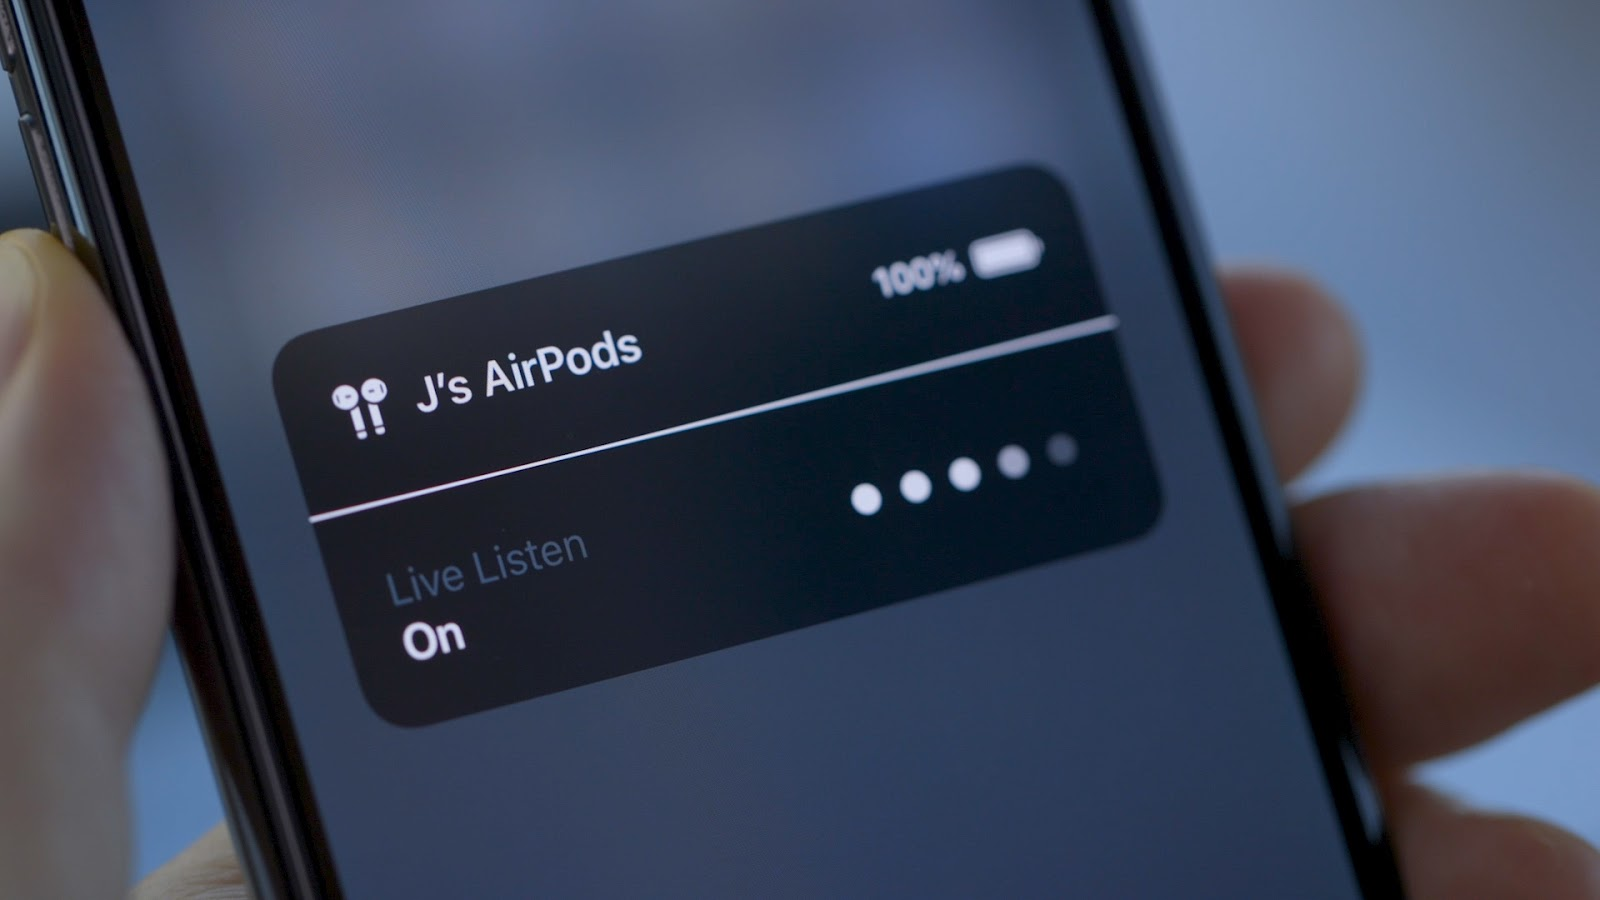 苹果辅助功能负责人接受采访谈及 iPhone 如何更好地帮助残障人士